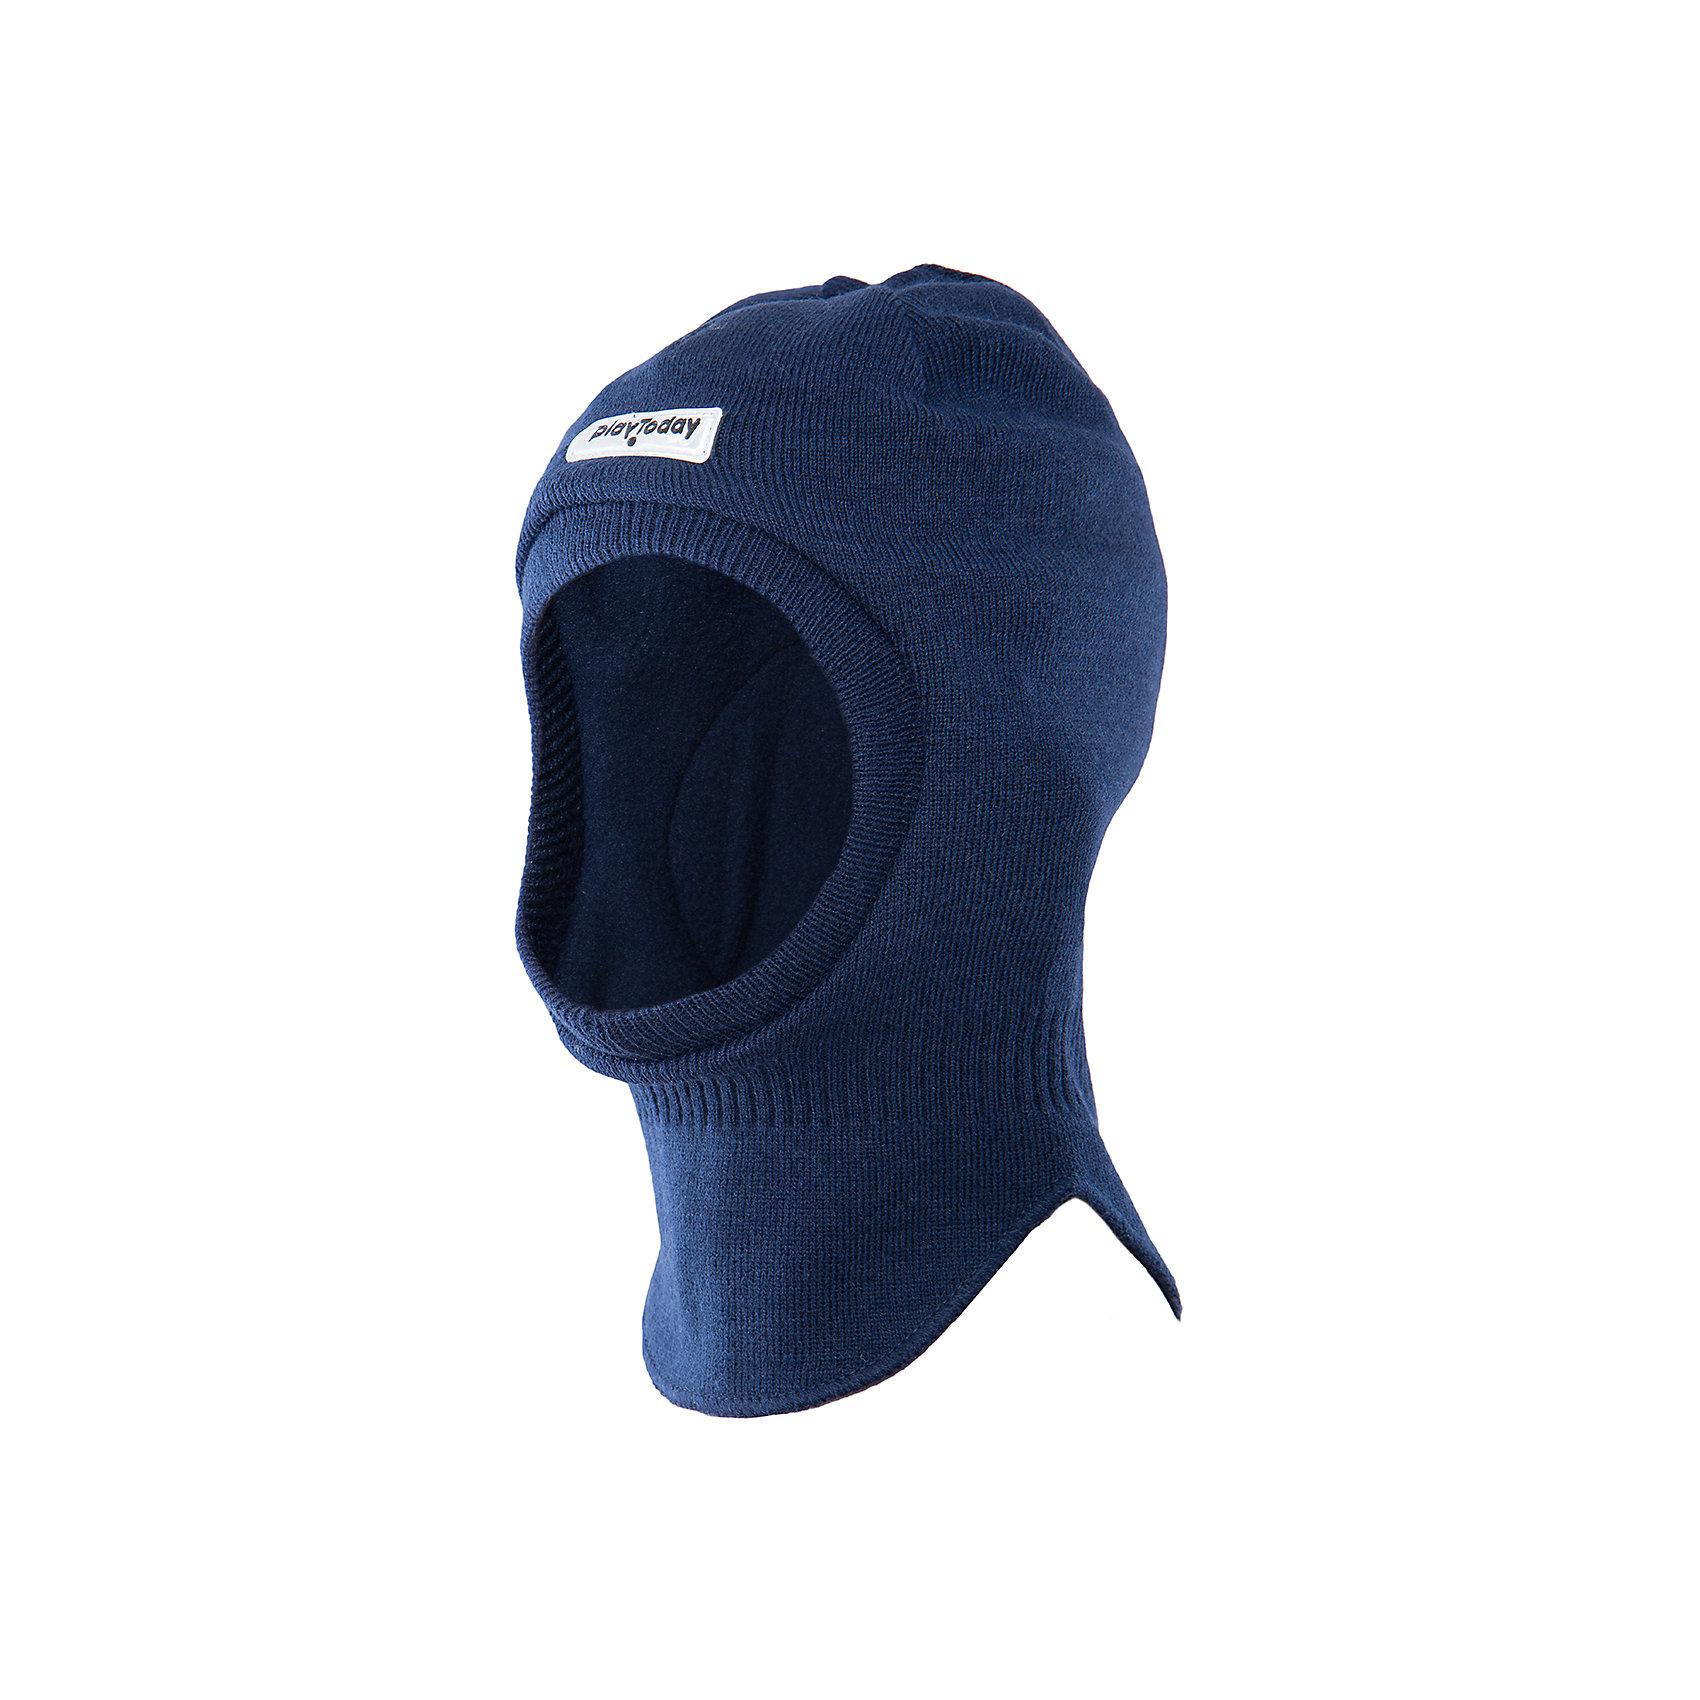 Шапка для мальчика PlayTodayШапка для мальчика от известного бренда PlayToday.<br>Теплая шапка-шлем из вязаного трикотажа надежно защитит ребенка от ветра.<br>Состав:<br>Верх: 100% акрил,  подкладка: 100% полиэстер, наполнитель: 100% полиэстер<br><br>Ширина мм: 89<br>Глубина мм: 117<br>Высота мм: 44<br>Вес г: 155<br>Цвет: синий<br>Возраст от месяцев: 48<br>Возраст до месяцев: 60<br>Пол: Мужской<br>Возраст: Детский<br>Размер: 50,54,52<br>SKU: 4898297